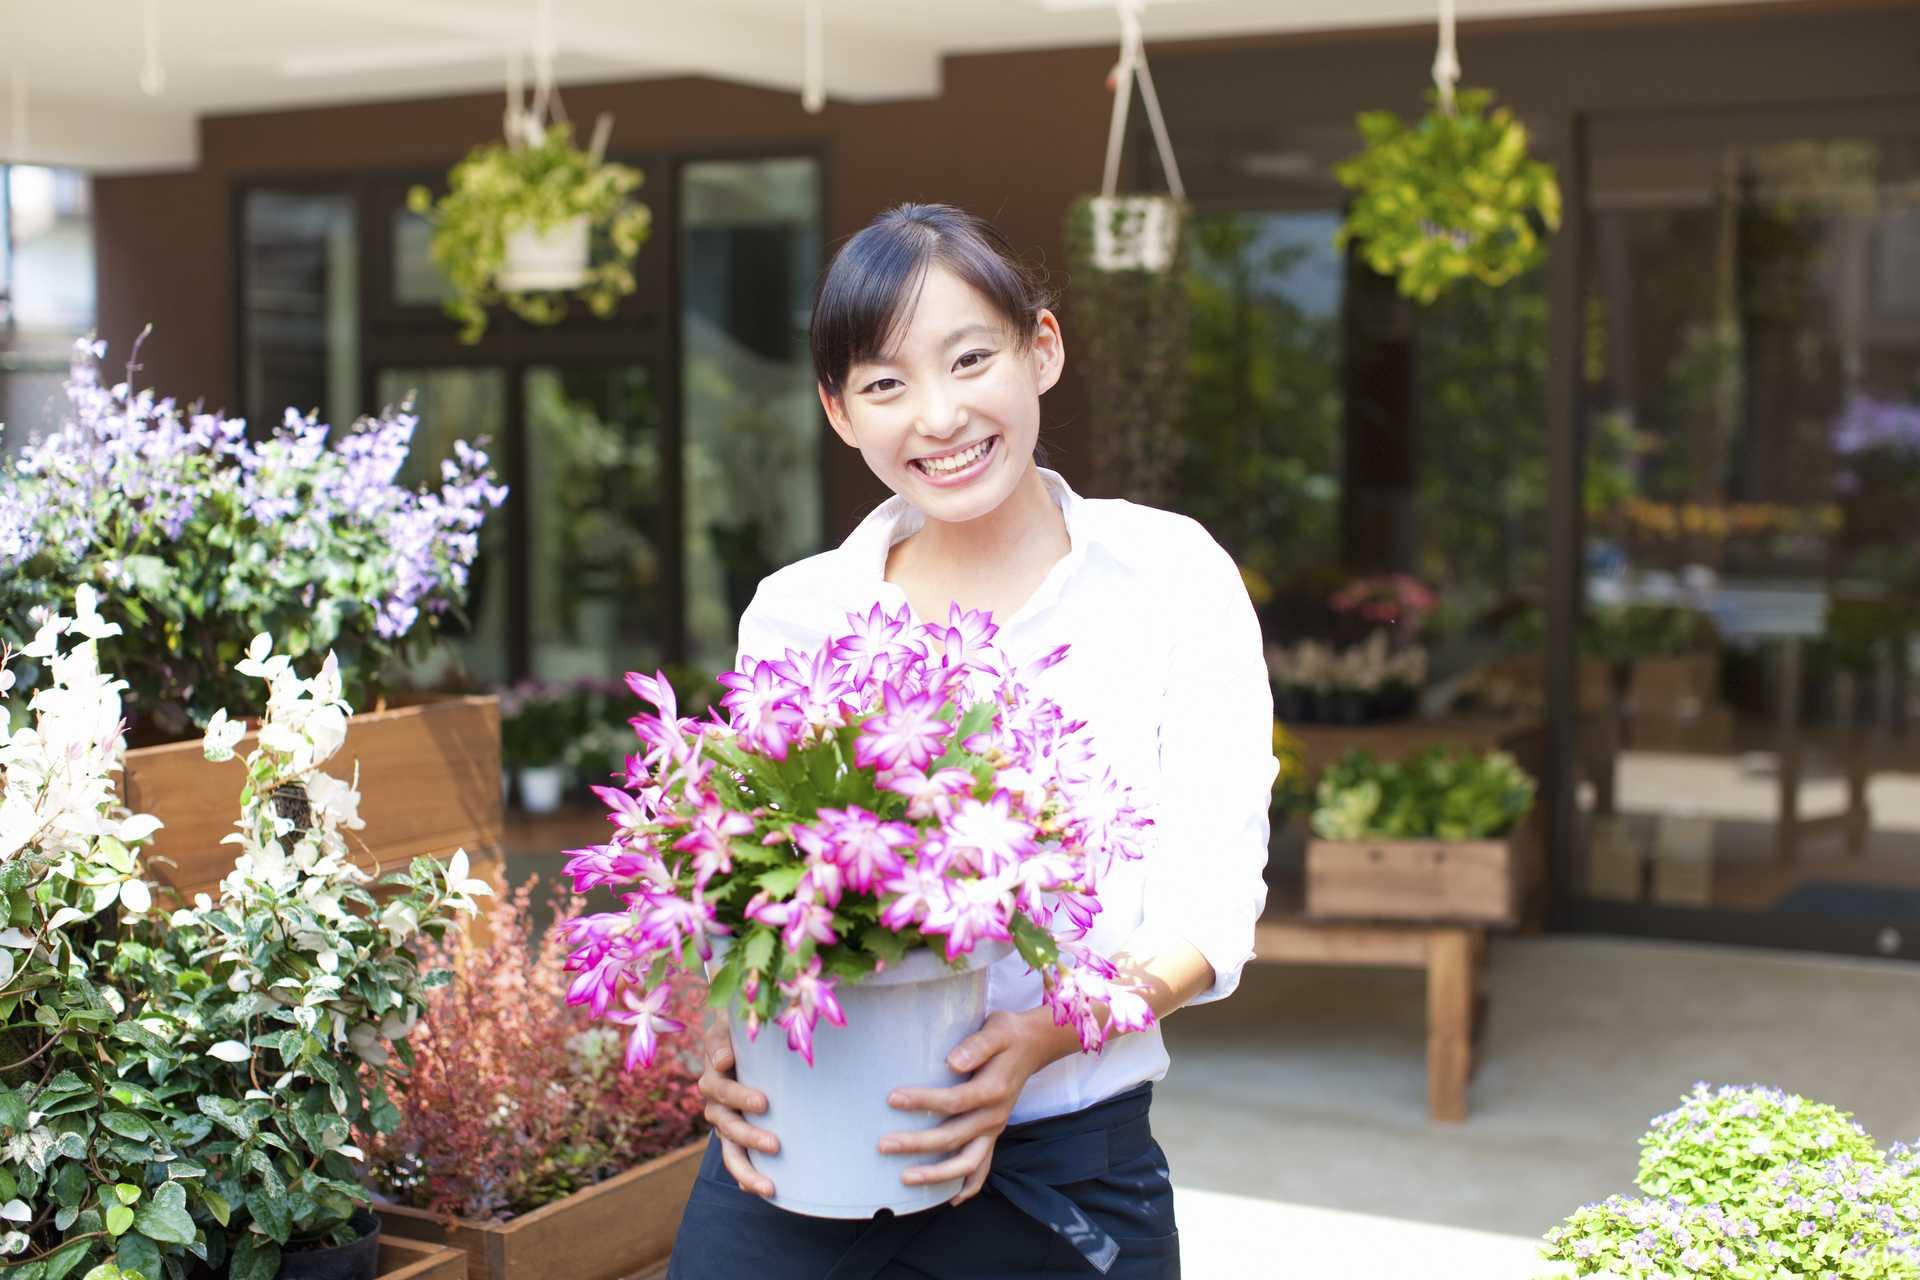 満開の花も、つぼみの花も、どちらも美しい。 | 毎日を楽しく過ごす30の方法